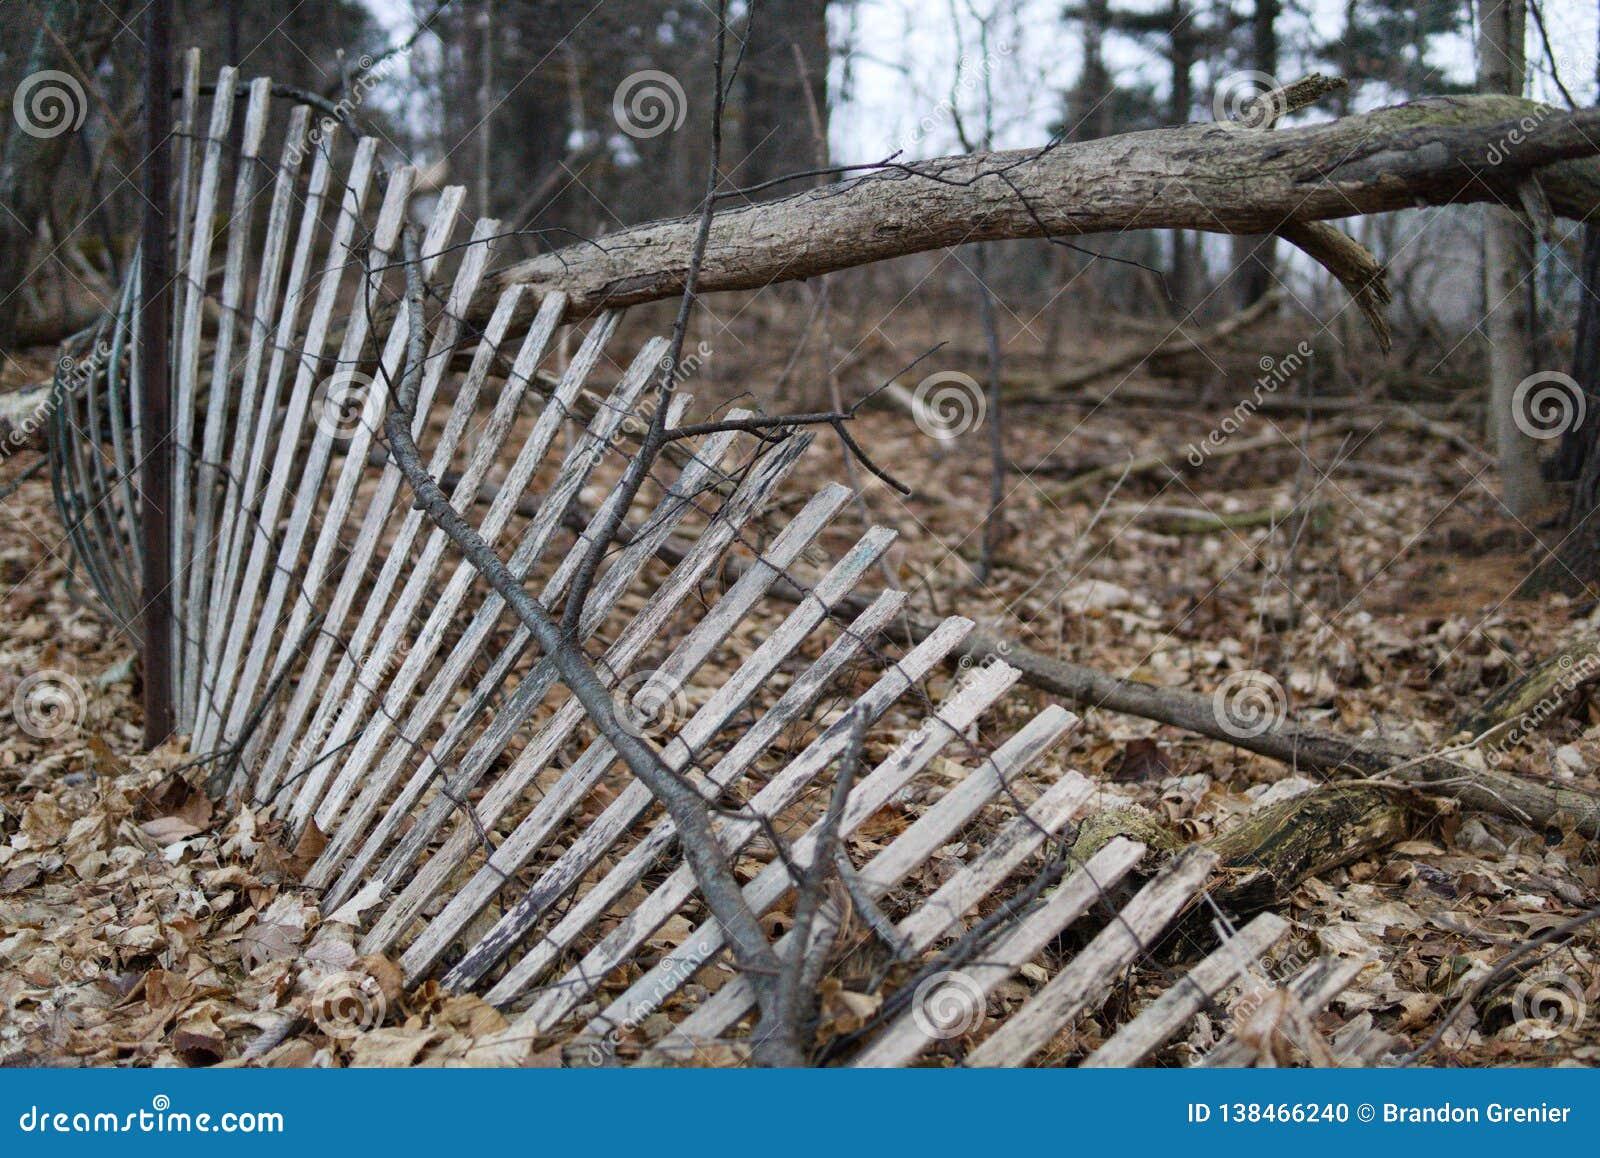 Cerca del bosque que se inclina y que cae